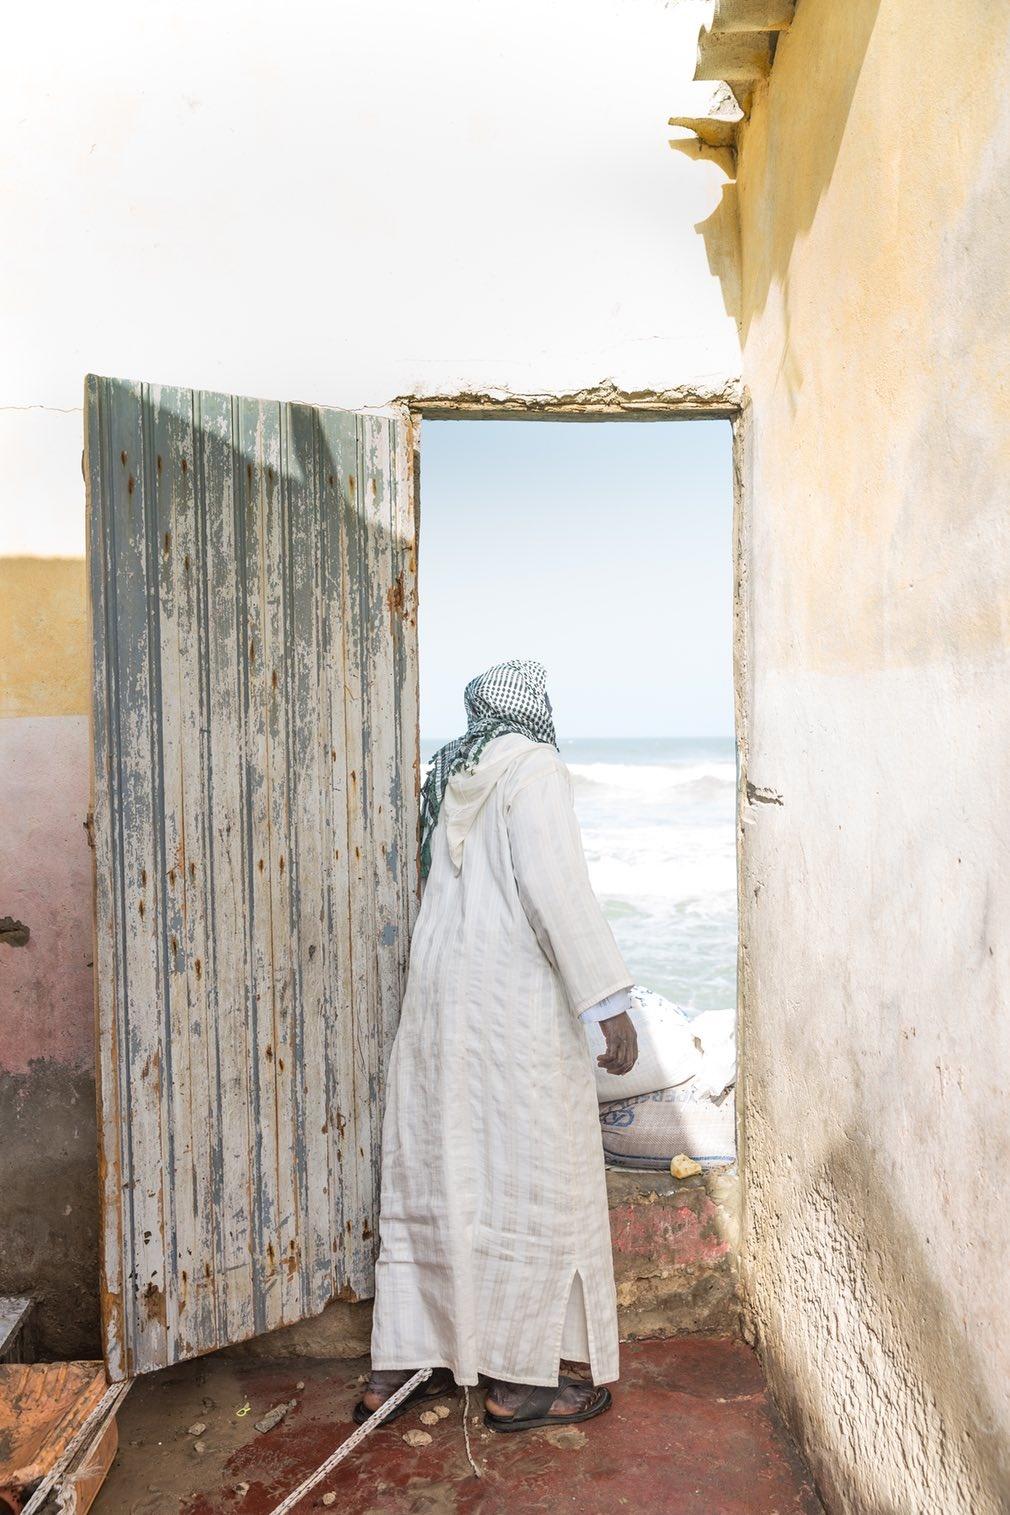 تصاویر | برگزیدگان چهاردهمین دوره مسابقه عکاسی استیمسونیان